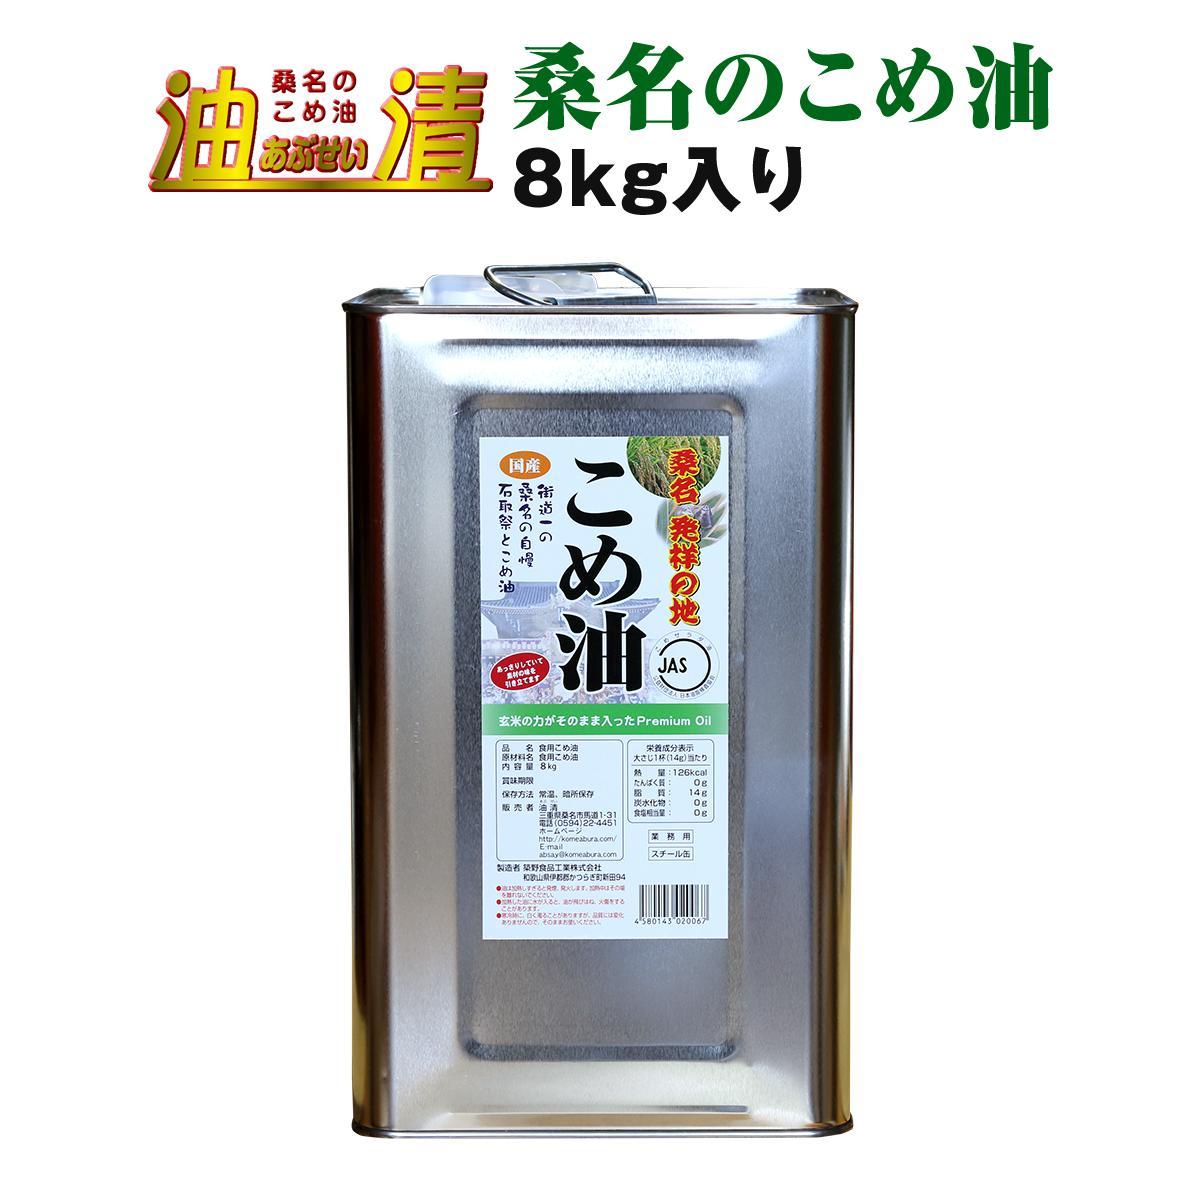 【ふるさと納税】 油清 桑名のこめ油 8kg缶 桑名のこめ油季節のレシピ